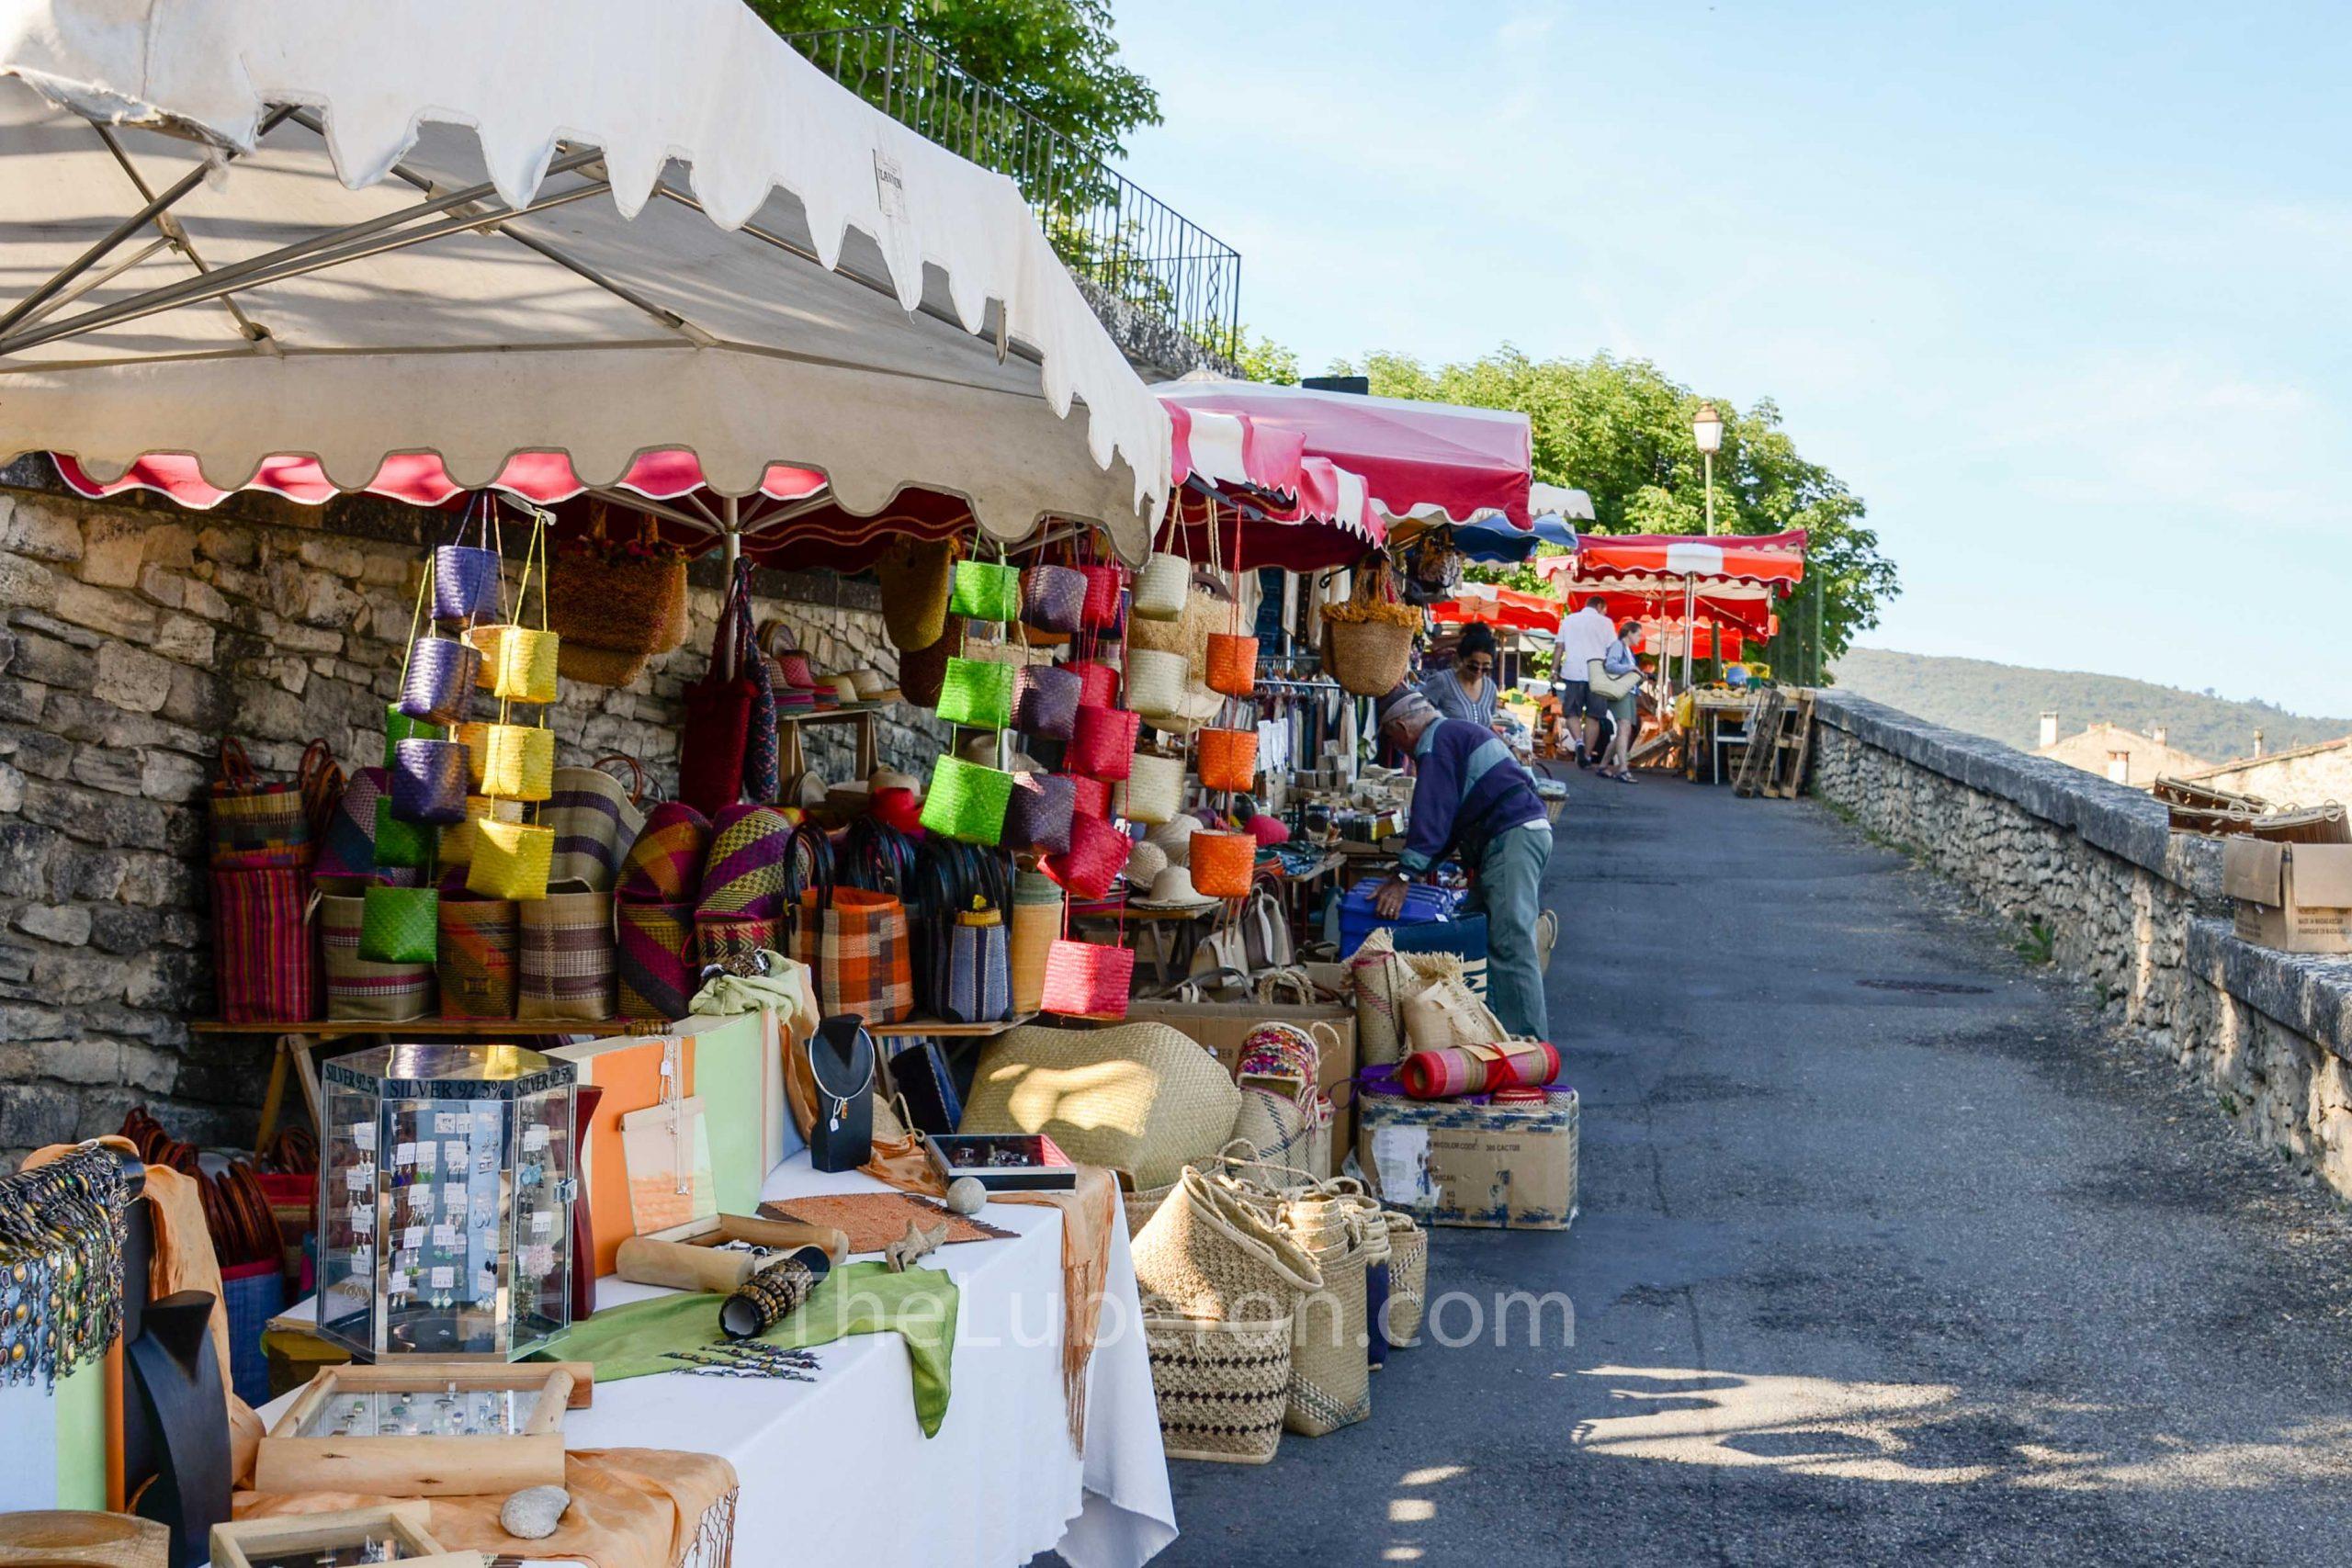 Stalls along road at Bonnieux market